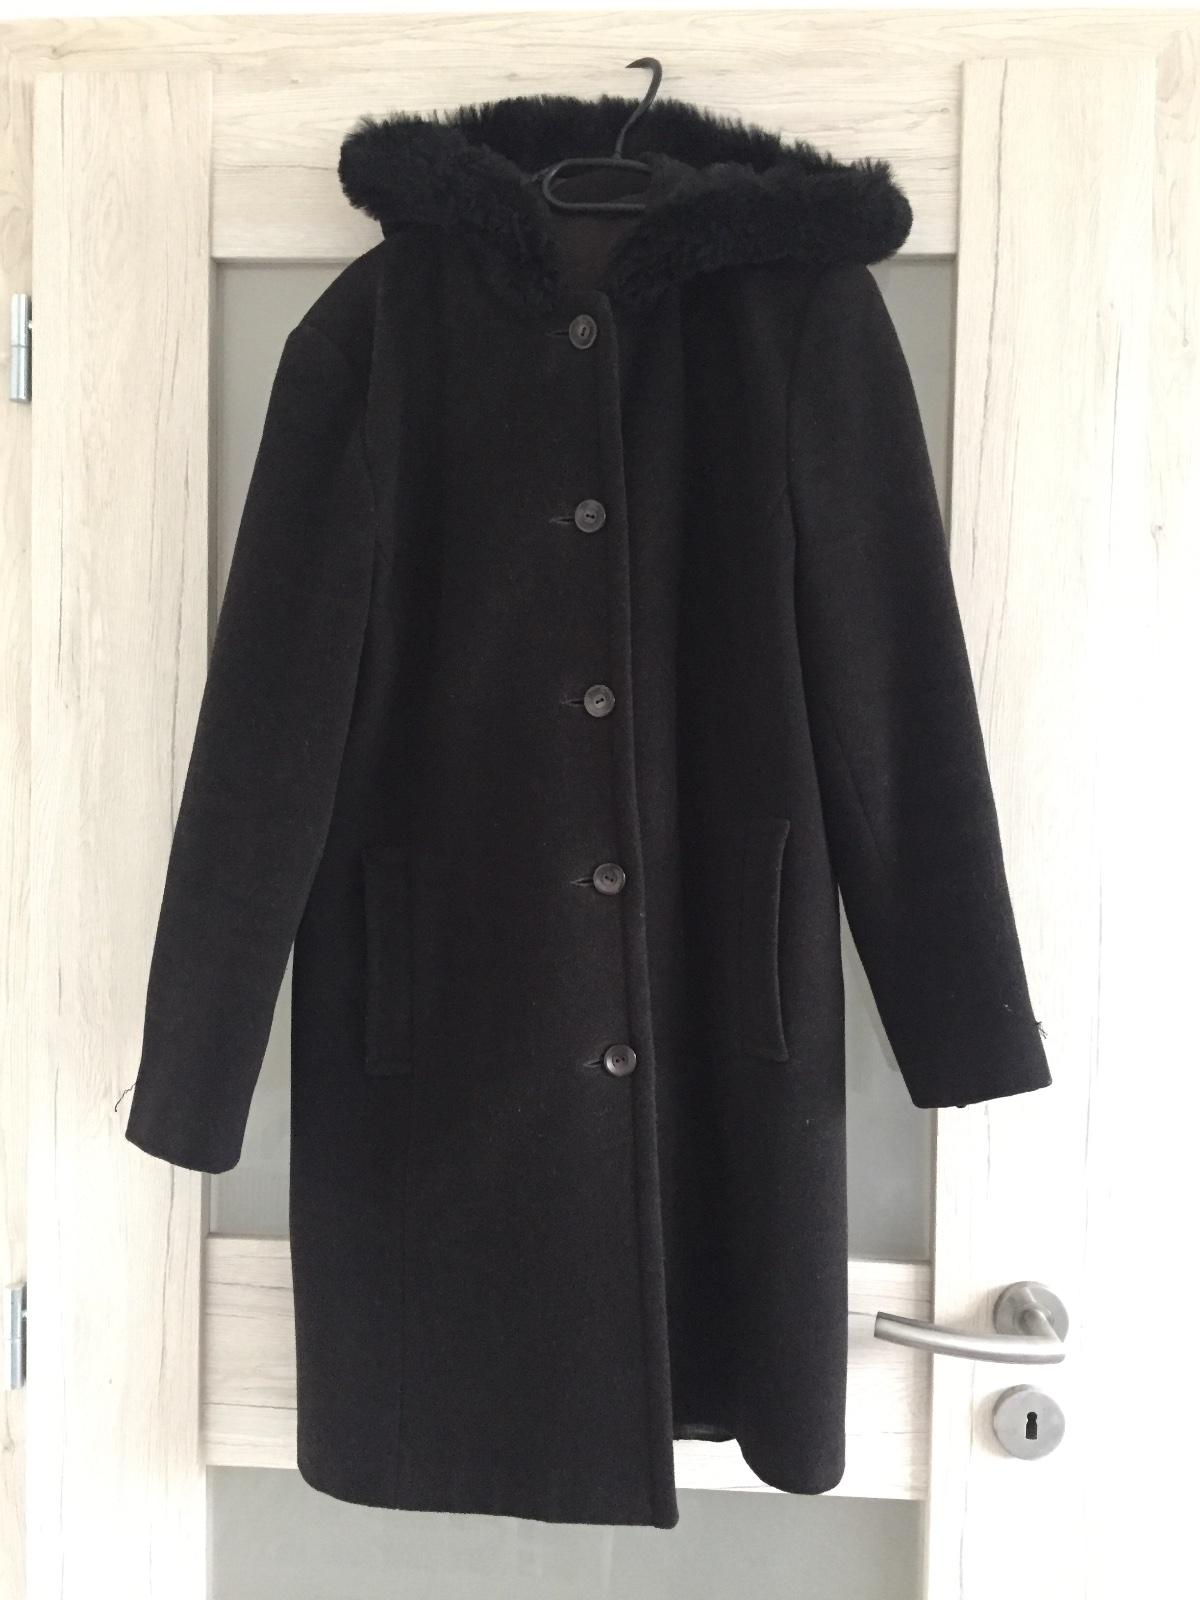 930ffe49f Zimný kabát s kapucňou, 40 - 5 € od predávajúcej stankaz33 | Detský bazár |  ModryKonik.sk